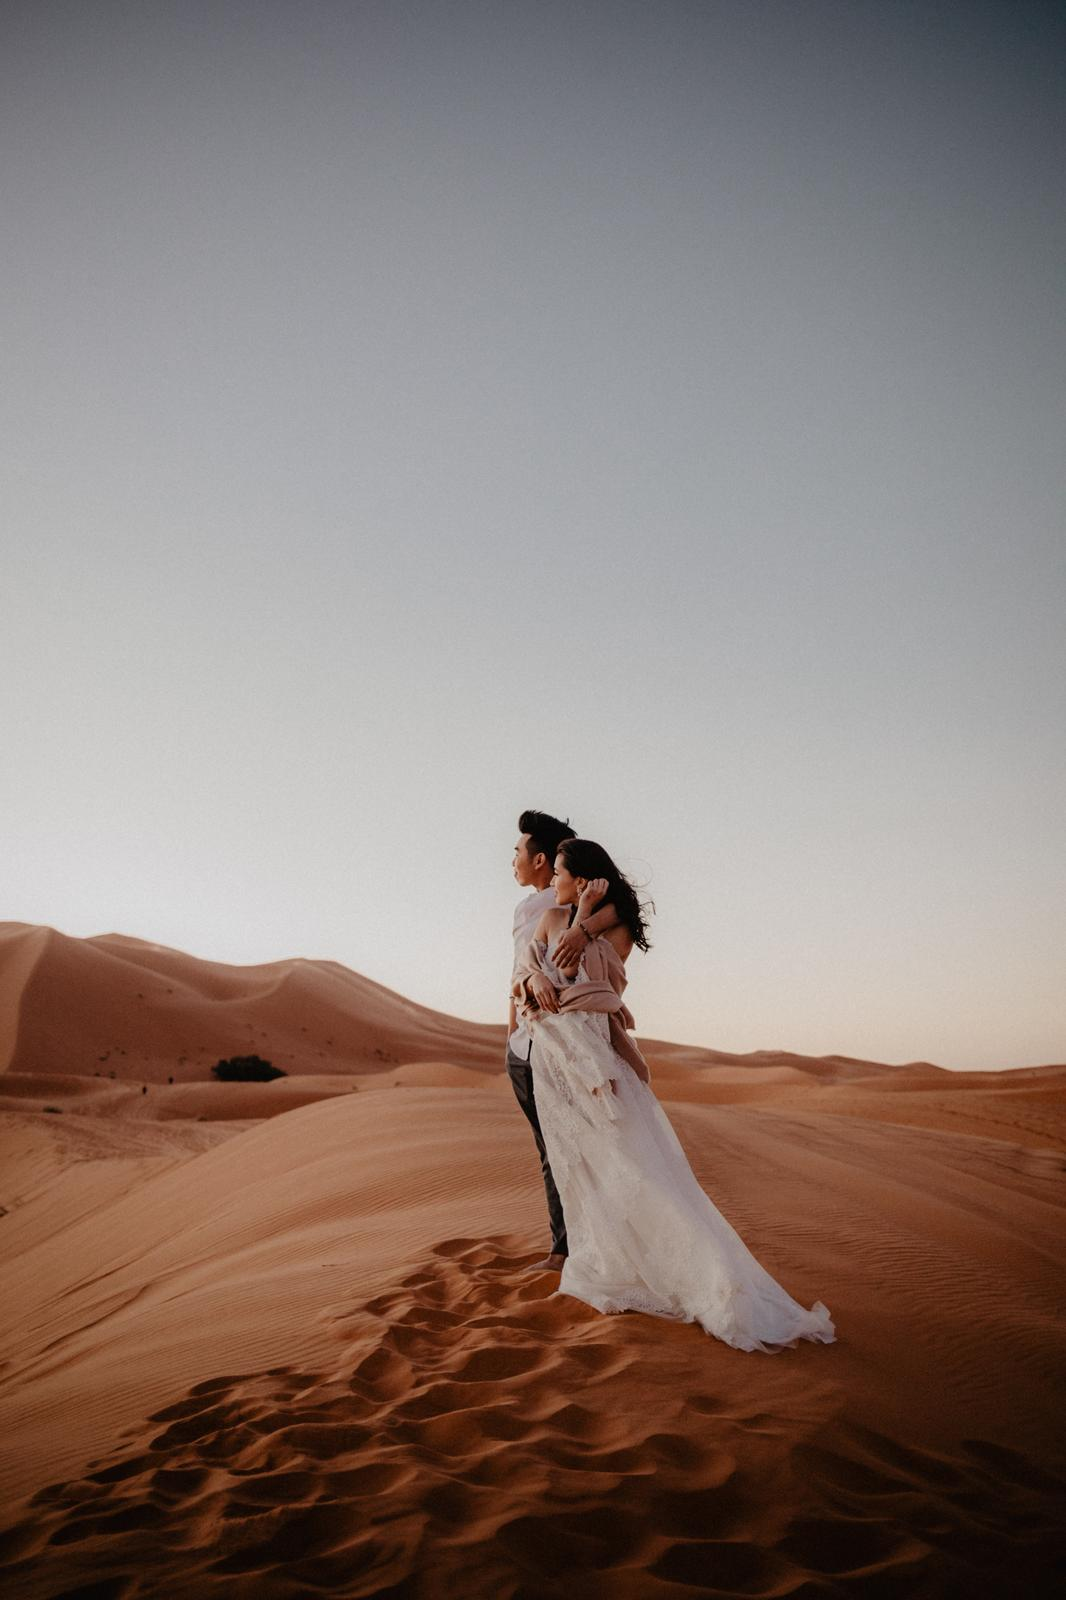 H + T | Love in Morocco - Obrázek č. 9